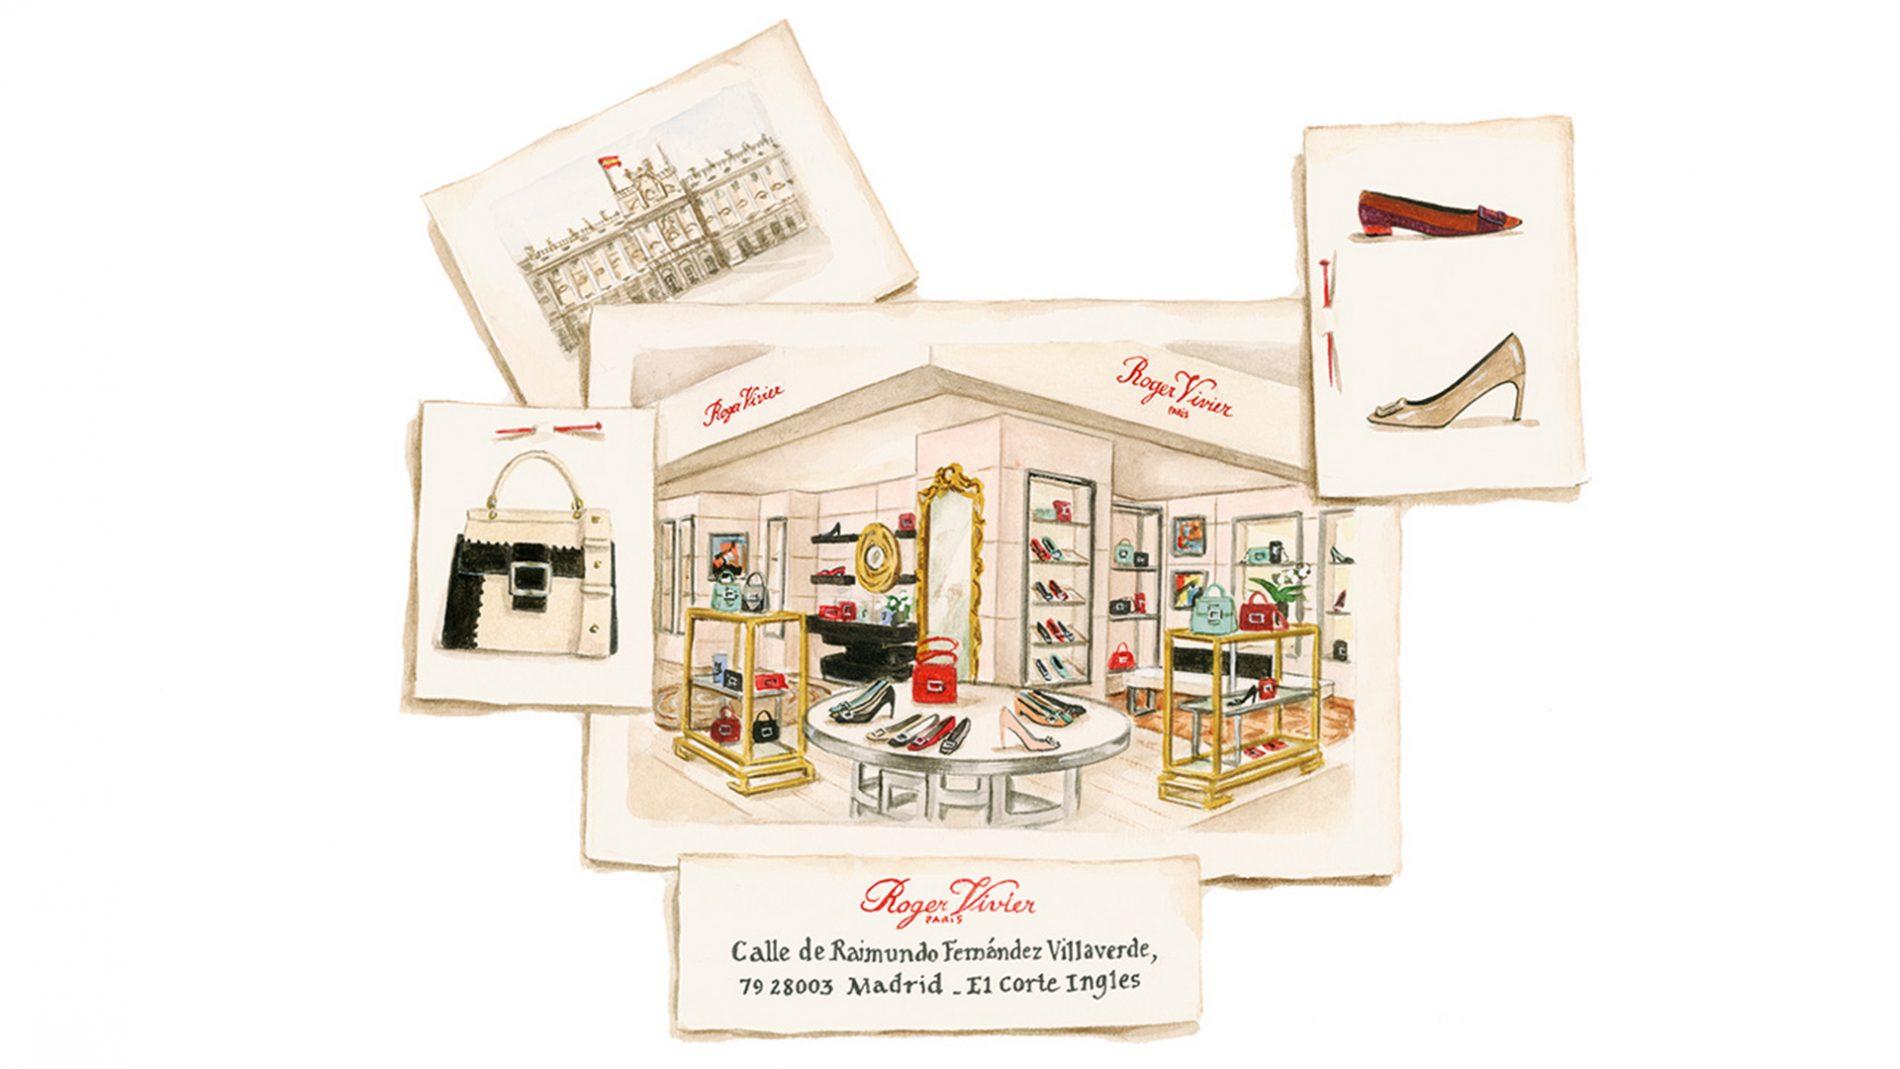 El Corte Inglés Designer Shoes Handbags Roger Vivier Shop-in-Shop